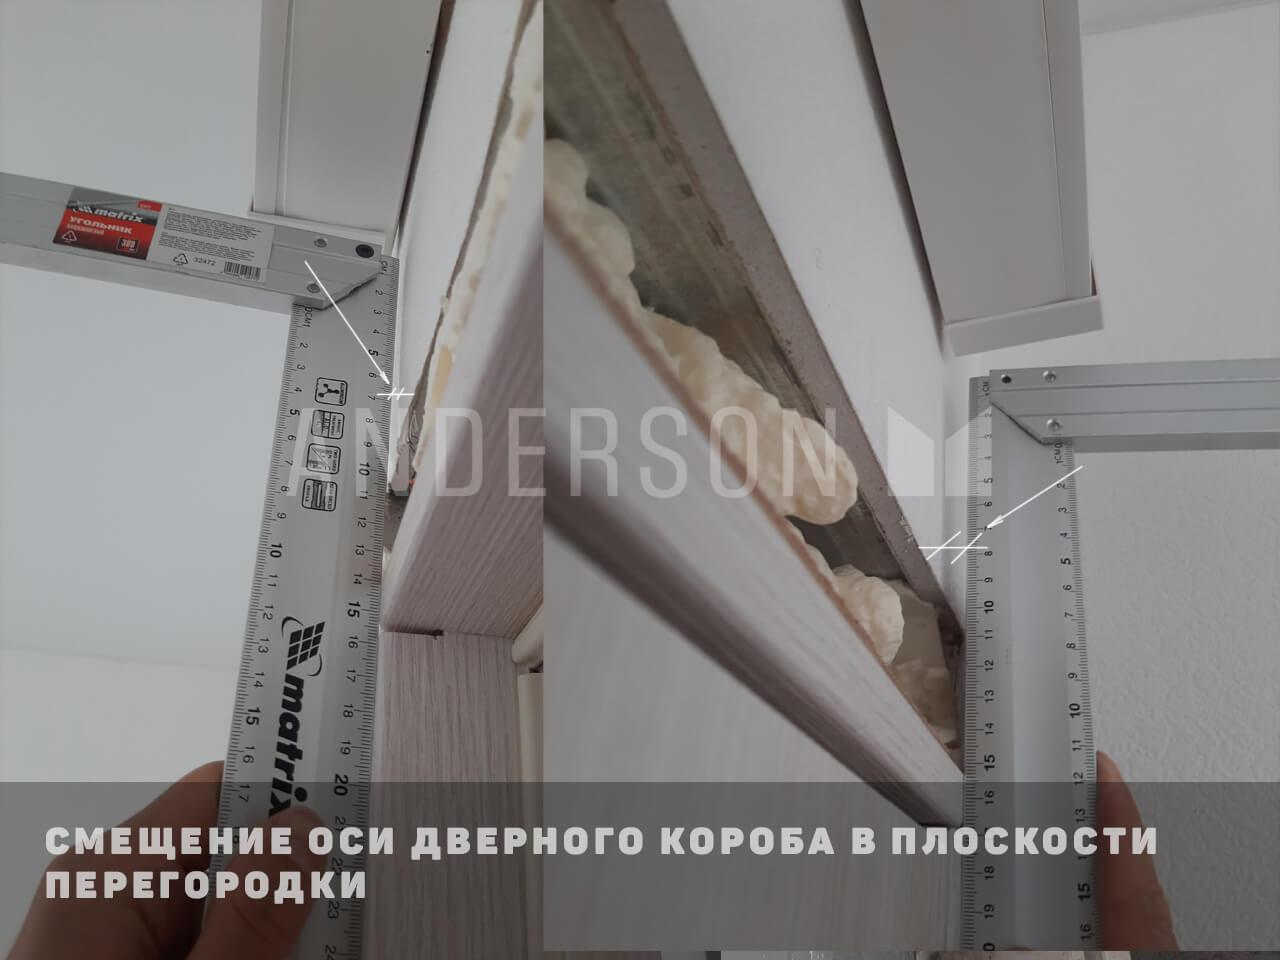 дверной короб смещен в плоскости